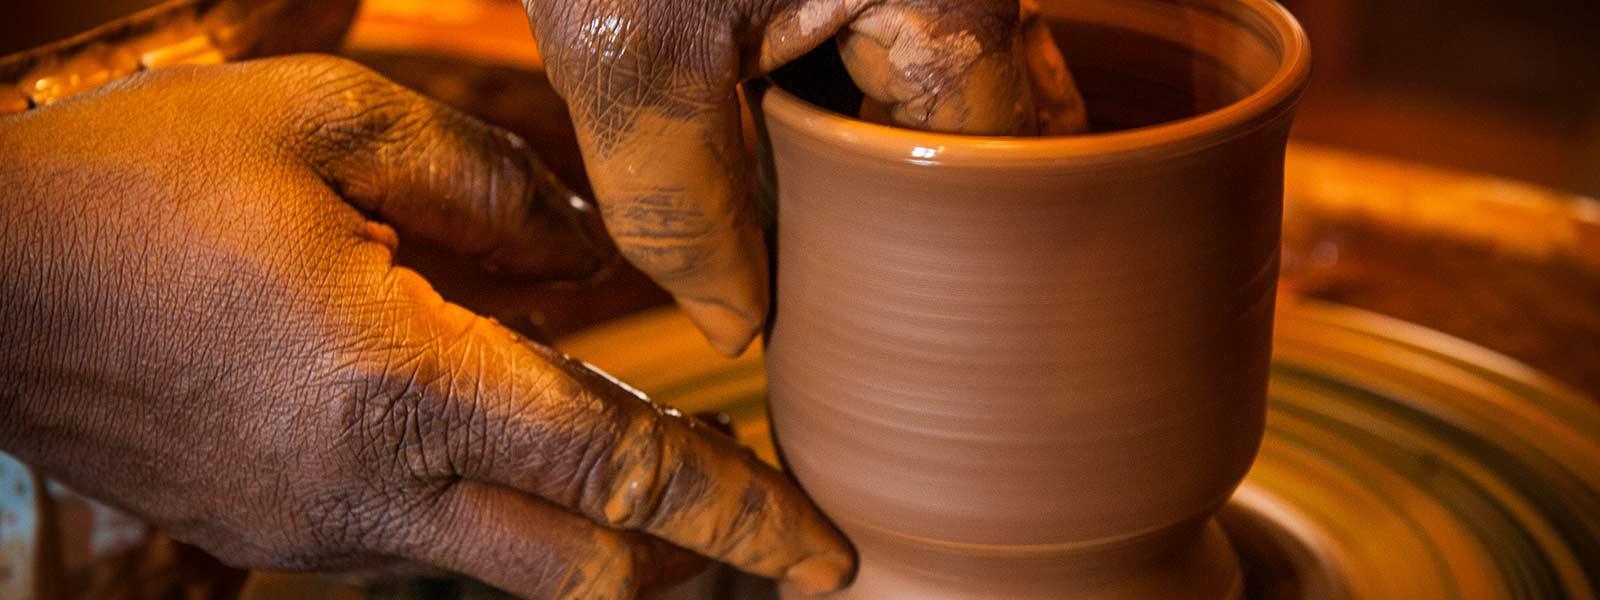 poterie potier artisan d'art terre cuite tour femme mains